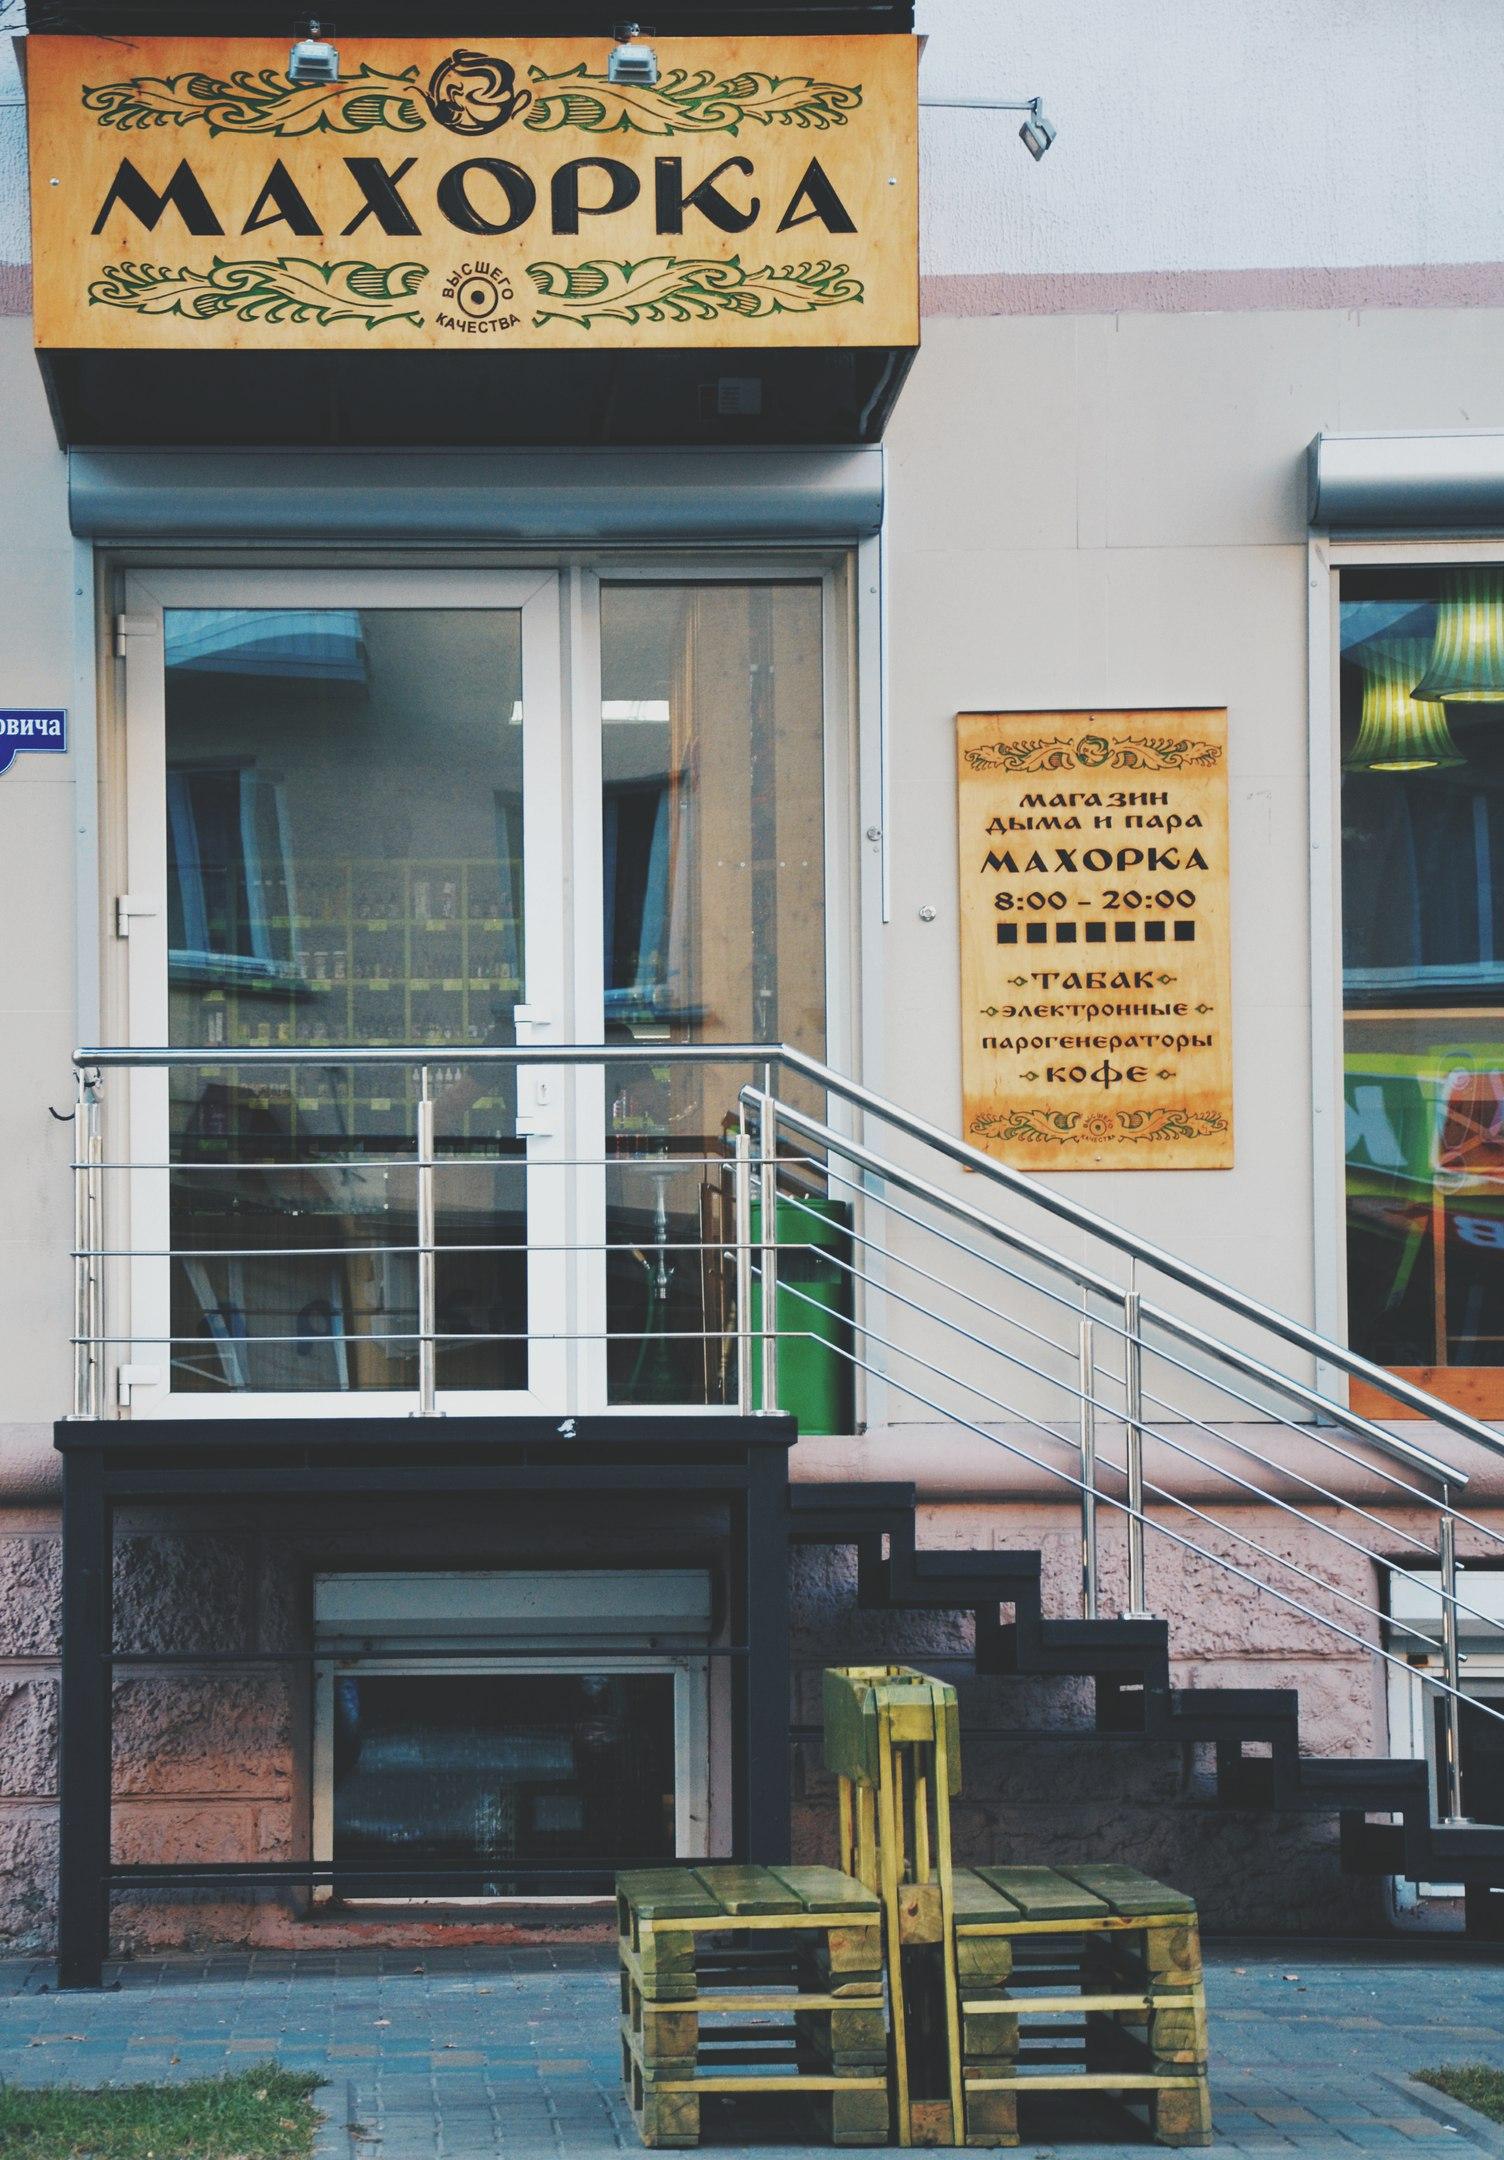 magazin-mahorka